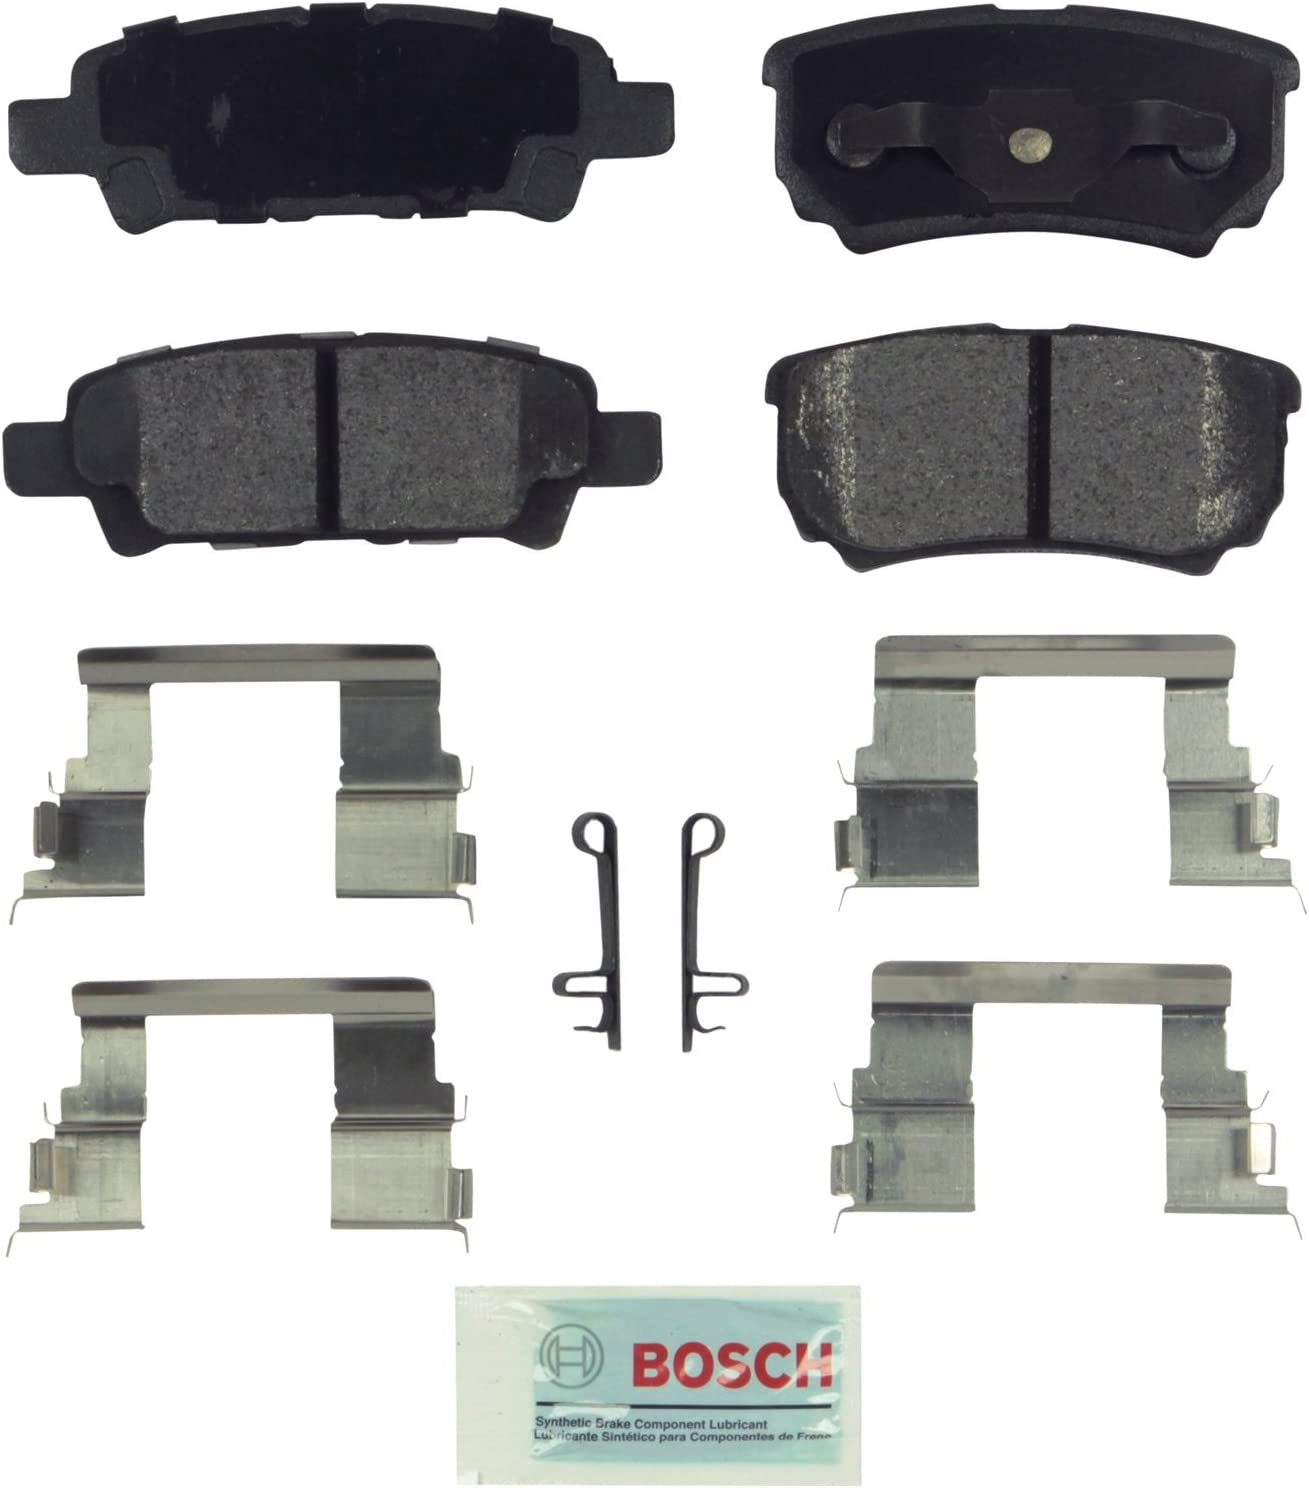 Bosch BP1381 Front Disc Brake Pads